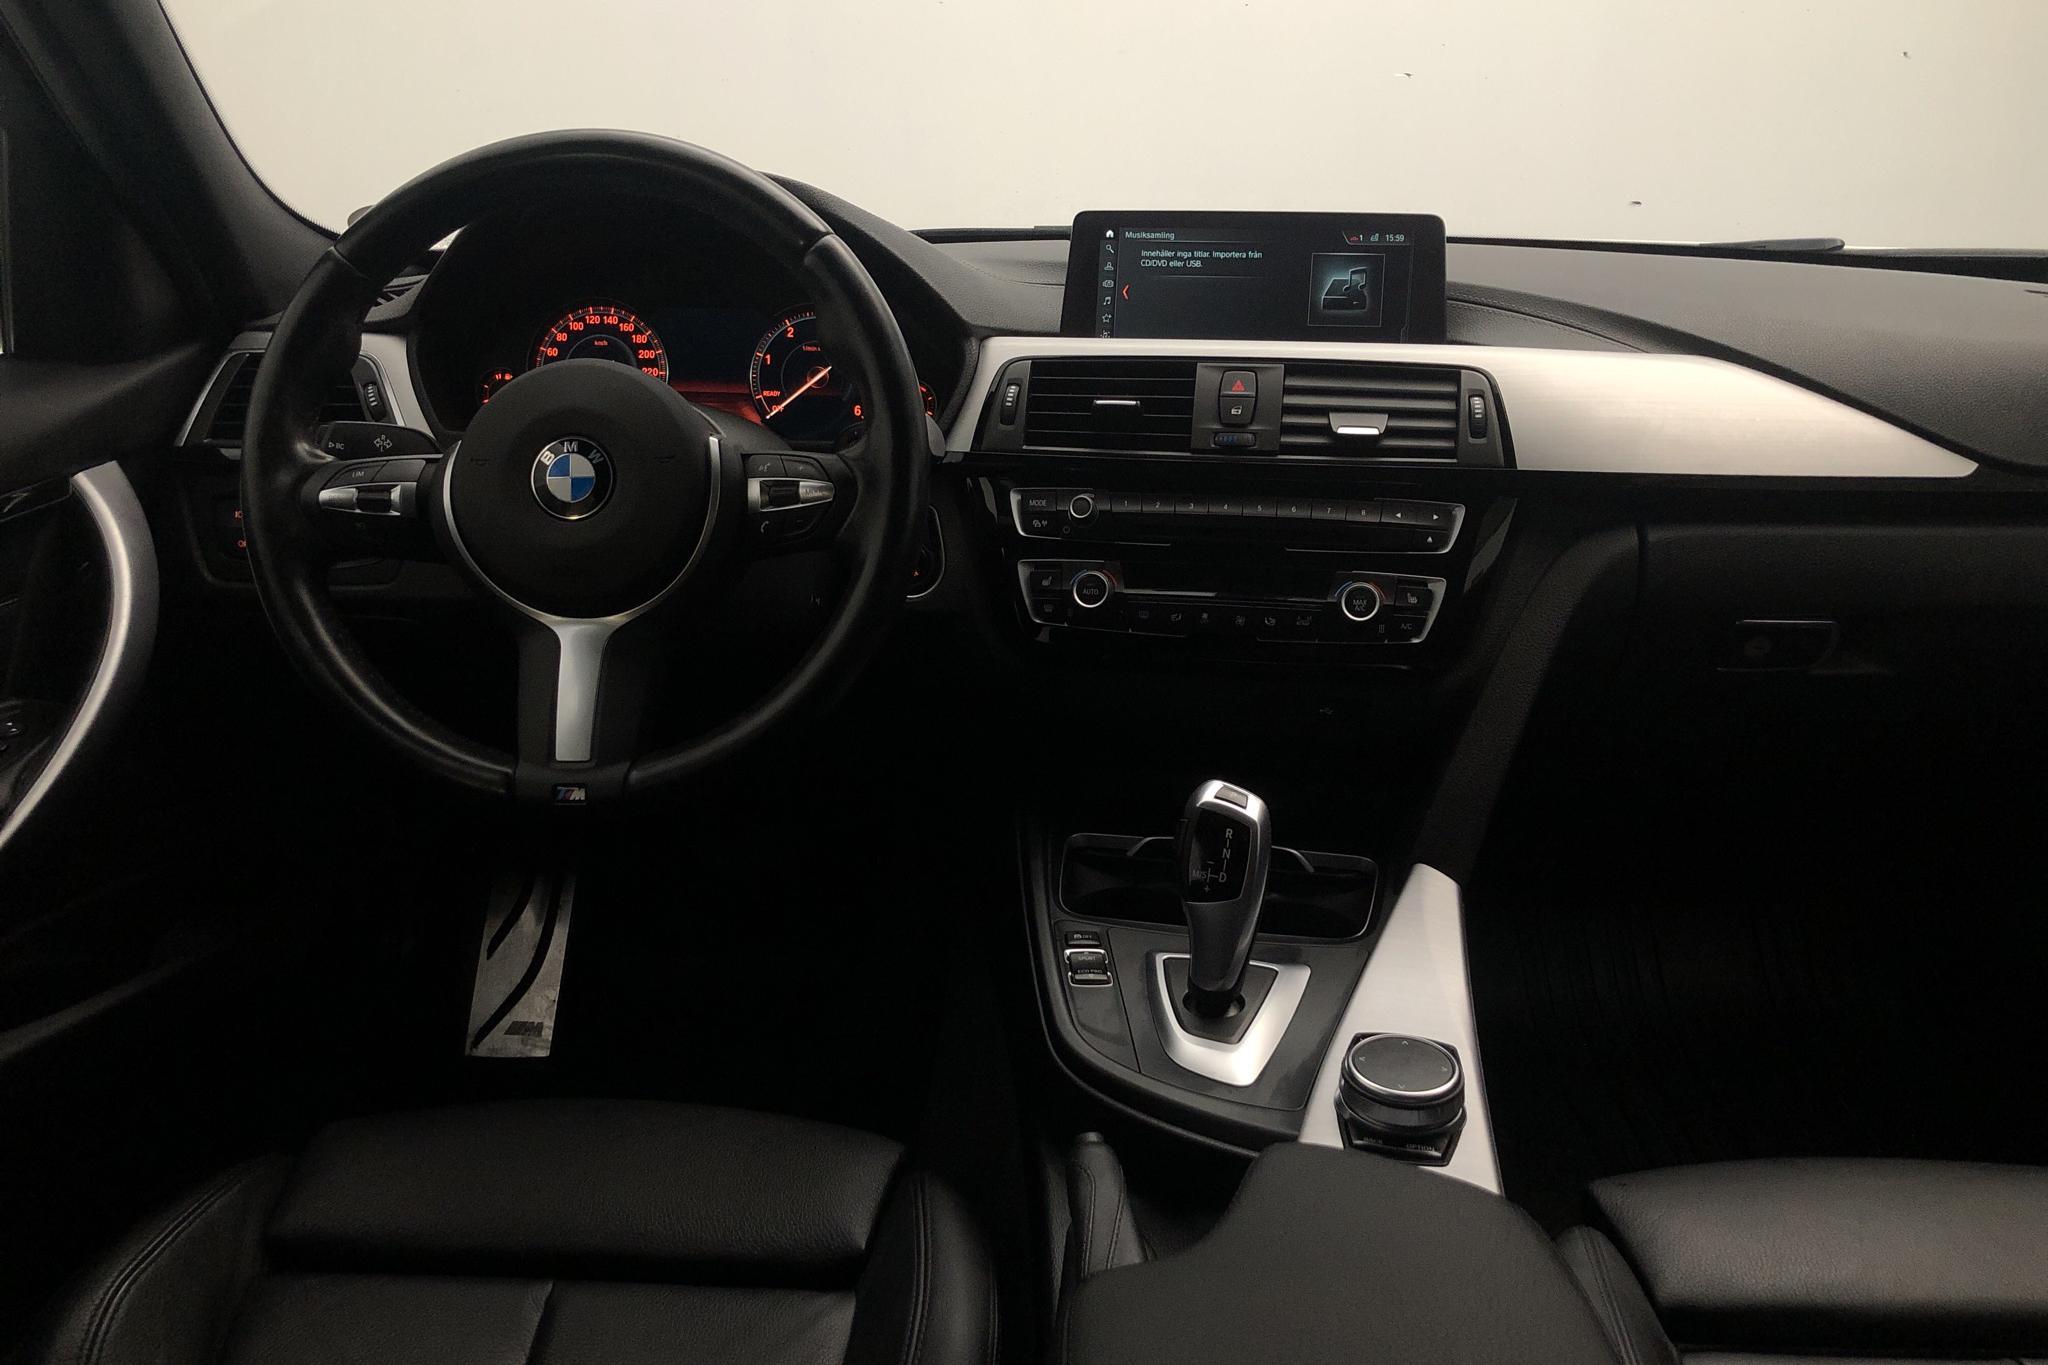 BMW 320d xDrive Touring, F31 (190hk) - 71 840 km - Automatic - white - 2018